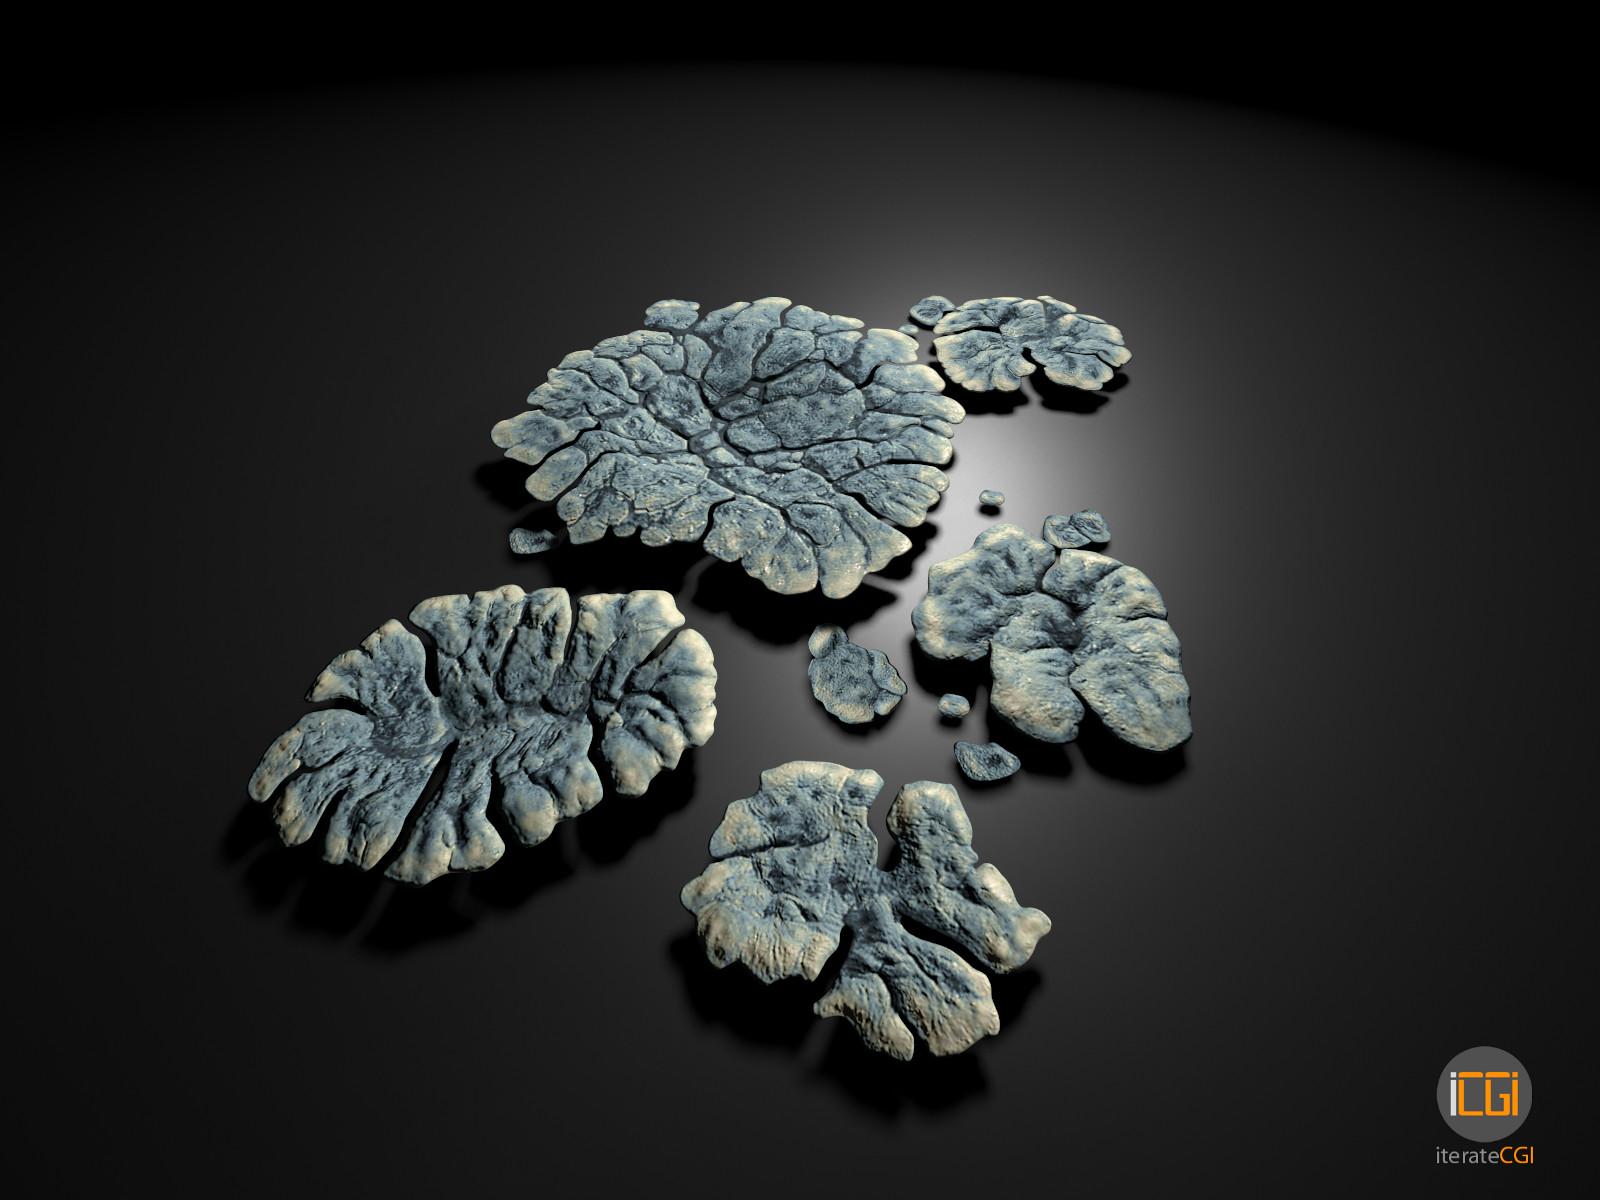 Johan de leenheer alien plant lichen type1